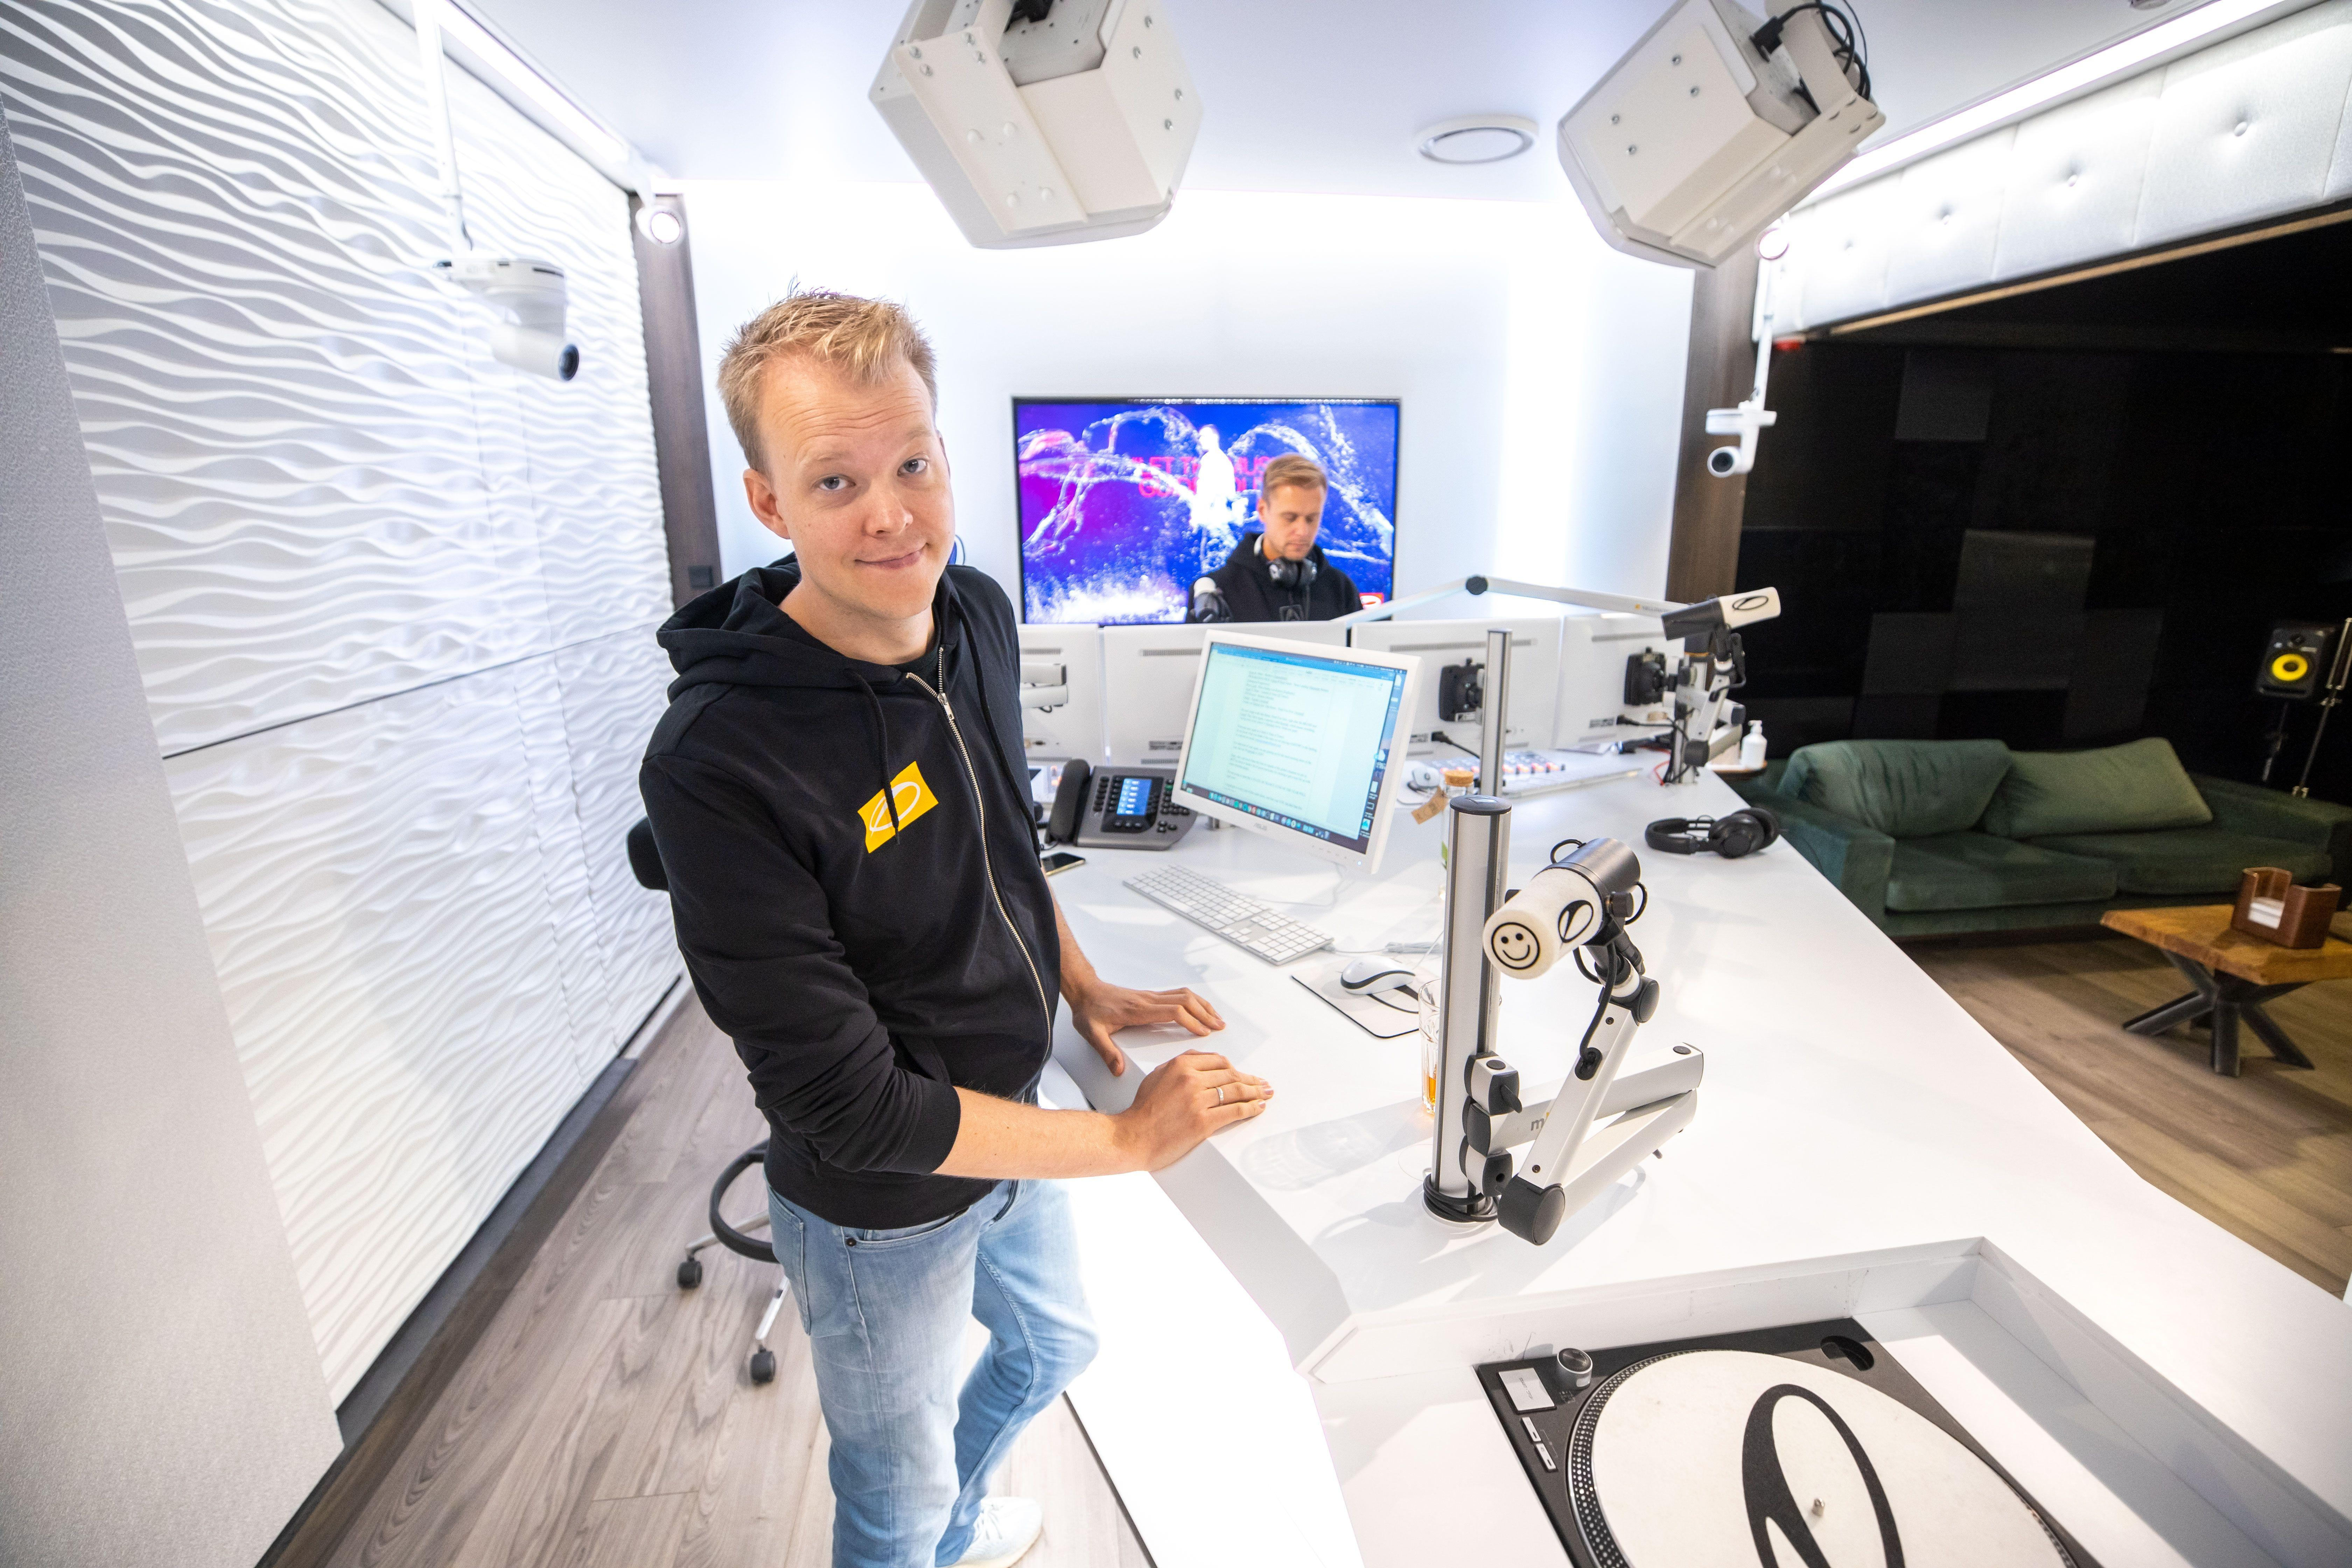 Haarlemse dj Ruben de Ronde presenteert aflevering 1000 van radioshow met Armin van Buuren voor miljoenenpubliek: 'Ik hoor dat het veel fans juist nu een soort houvast biedt'